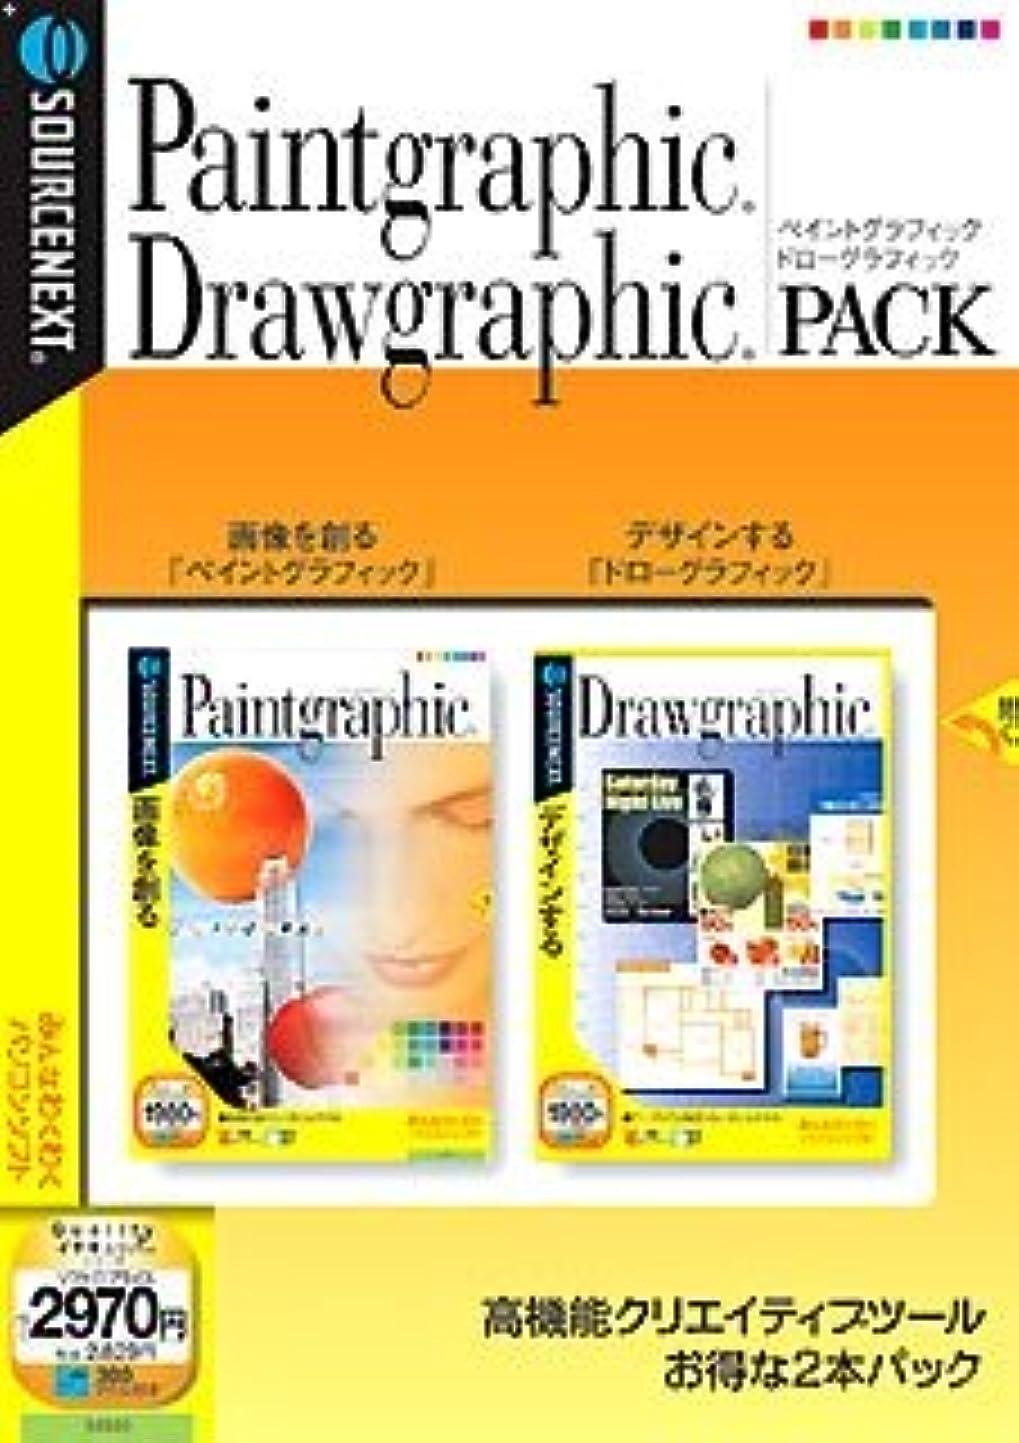 価値のない白菜犬Paintgraphic + Drawgraphic Pack (説明扉付きスリムパッケージ版)